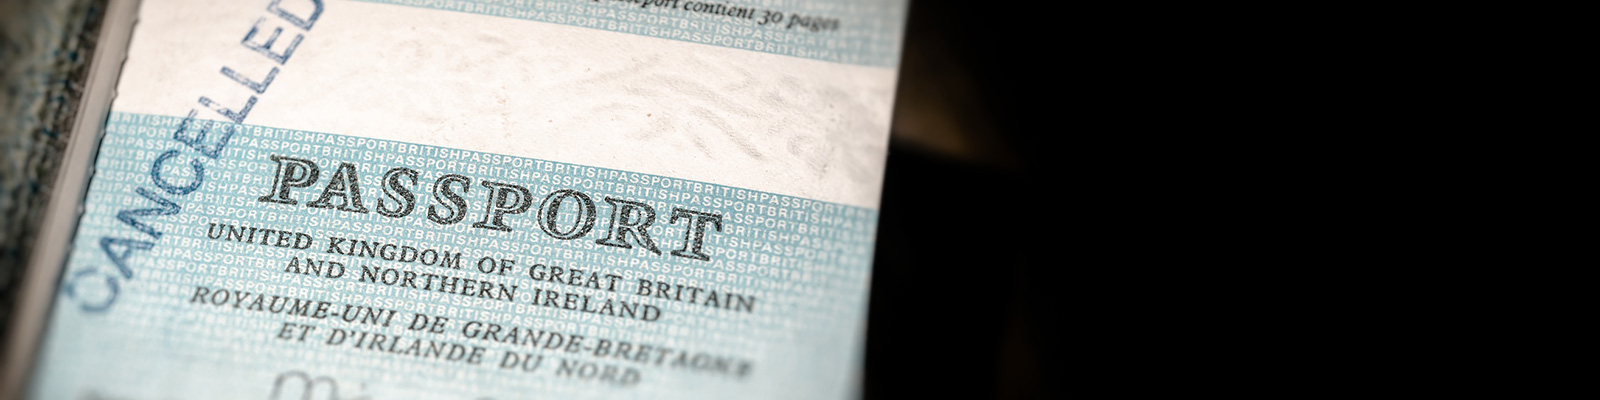 英国 パスポート 個人情報 イメージ